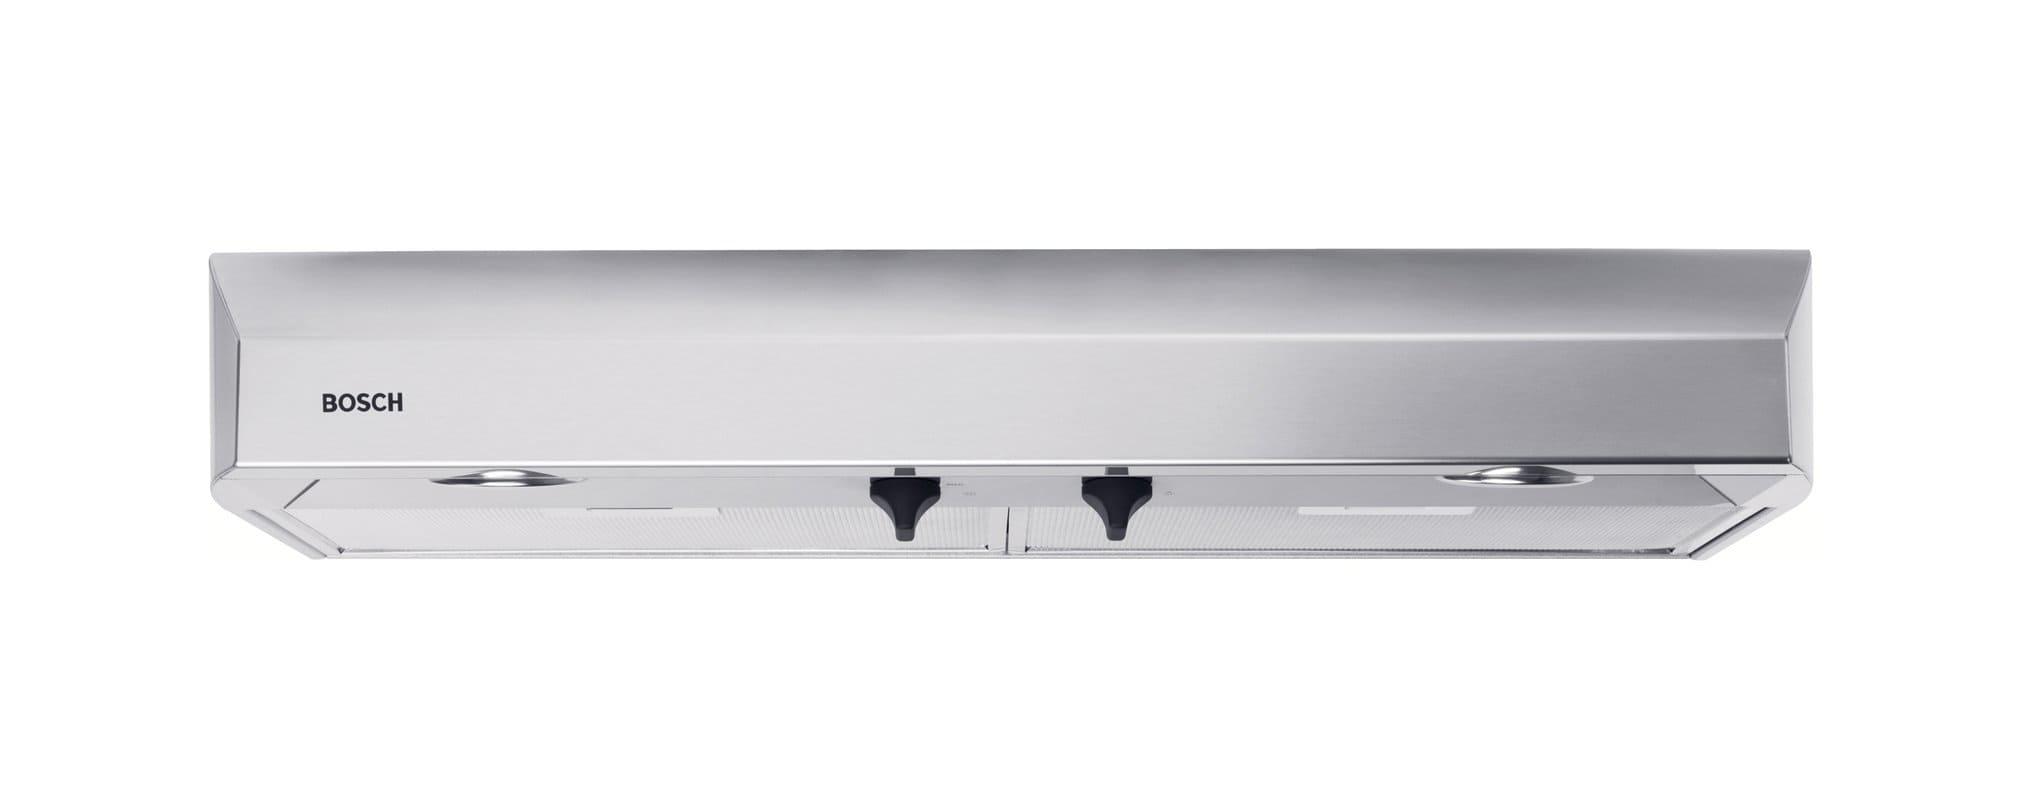 Bosch DUH30152UC 300 Series 30 Inch Under Cabinet Range Hood